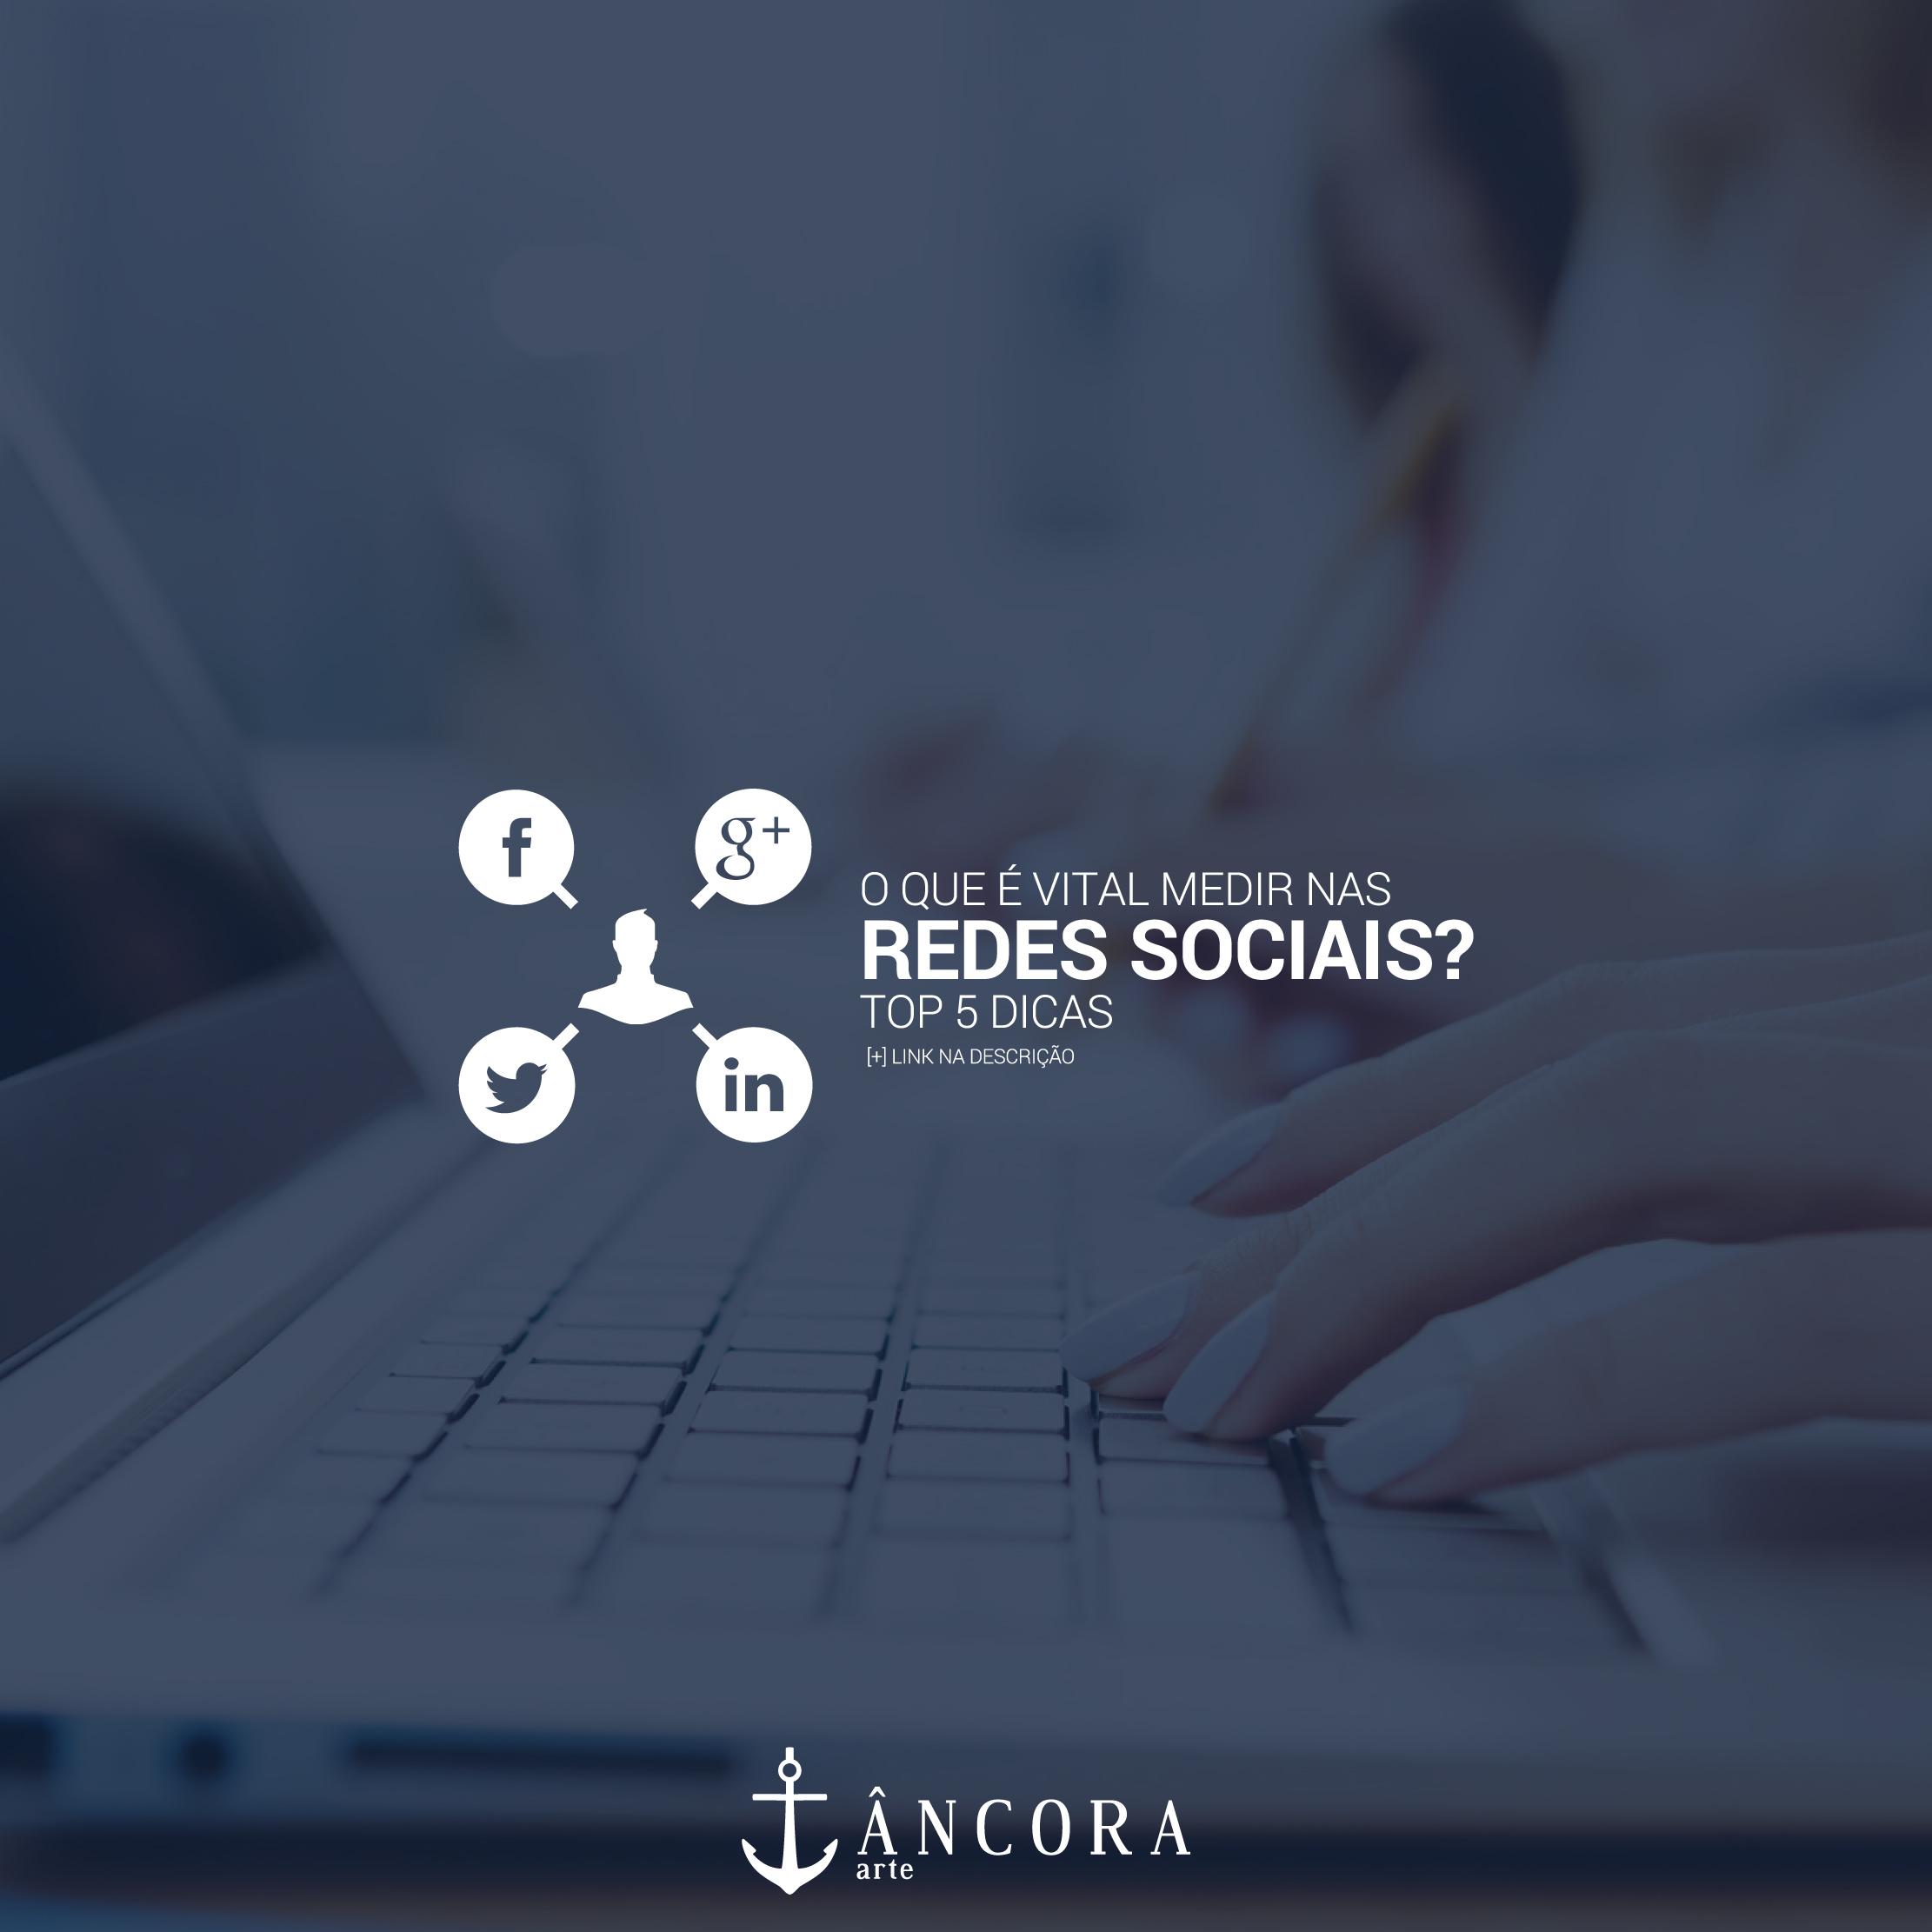 5 dicas do que é vital medir nas redes sociais